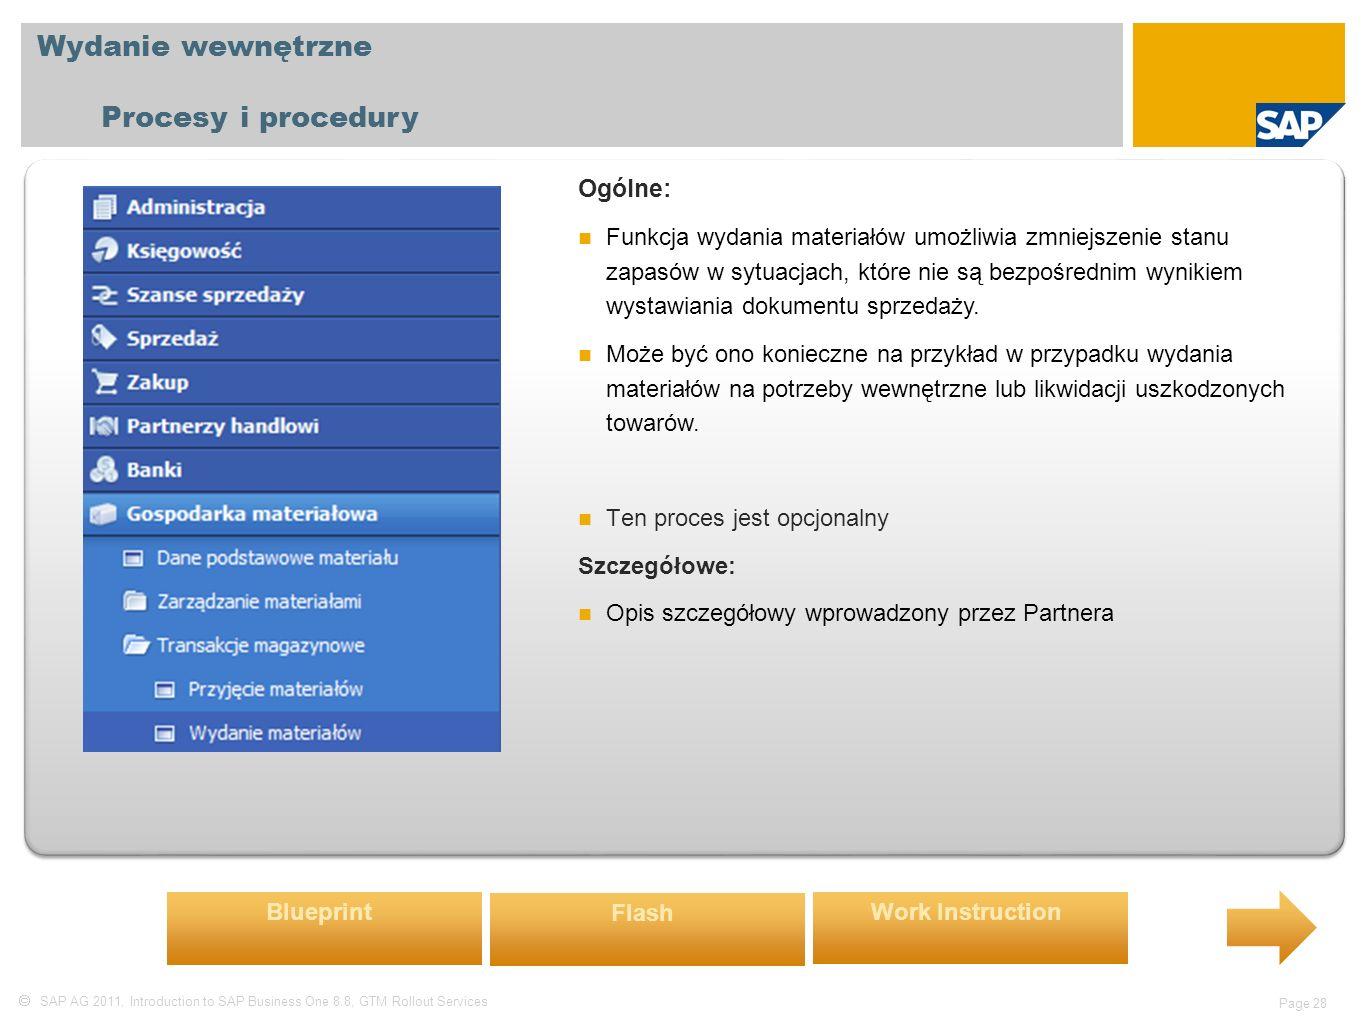  SAP AG 2011, Introduction to SAP Business One 8.8, GTM Rollout Services Page 28 Wydanie wewnętrzne Procesy i procedury Ogólne: Funkcja wydania mater